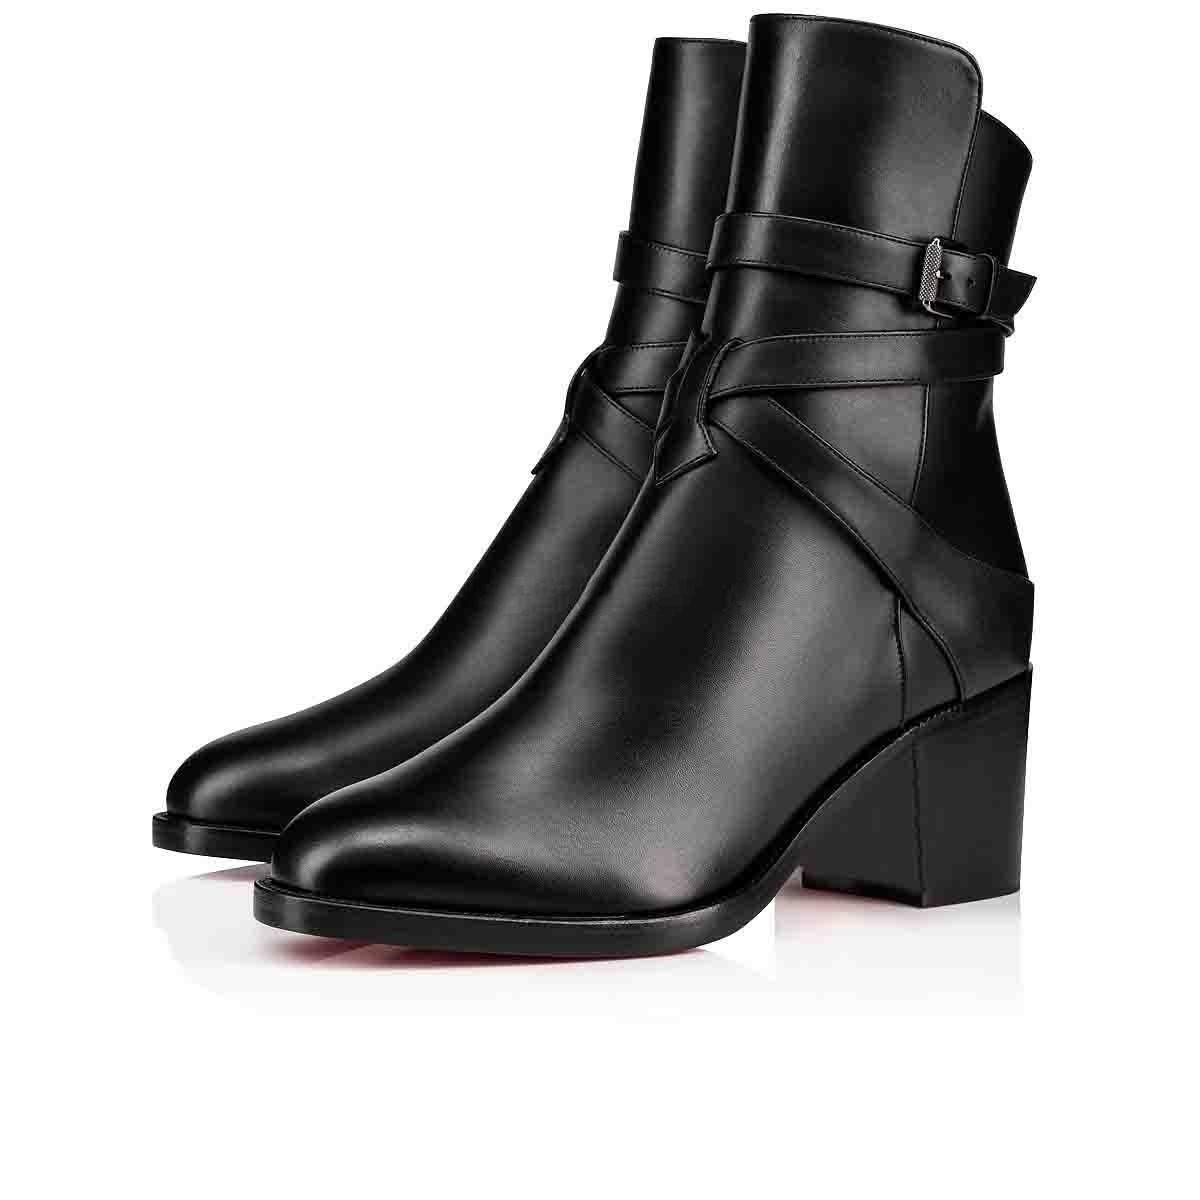 سليم إمرأة حذاء أسود جلد العجل والجلود حقيقية الأحمر أسفل الكاحل أحذية للنساء Karistrap الطراز الرفيع كتلة كعب الحذاء الكاحل الحذاء مع الشريط